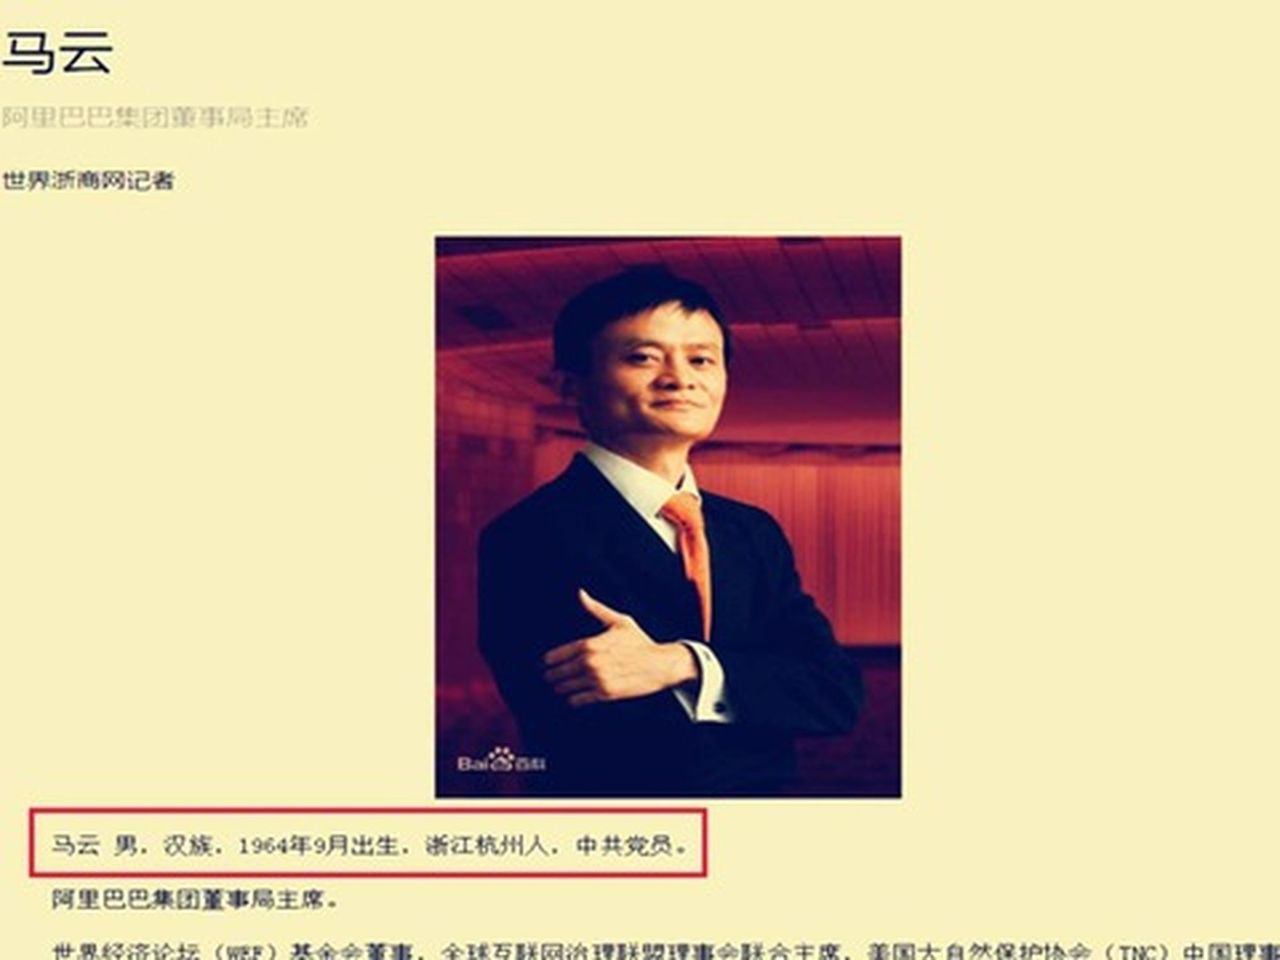 馬雲一身份被官方披露外界謠傳證實。